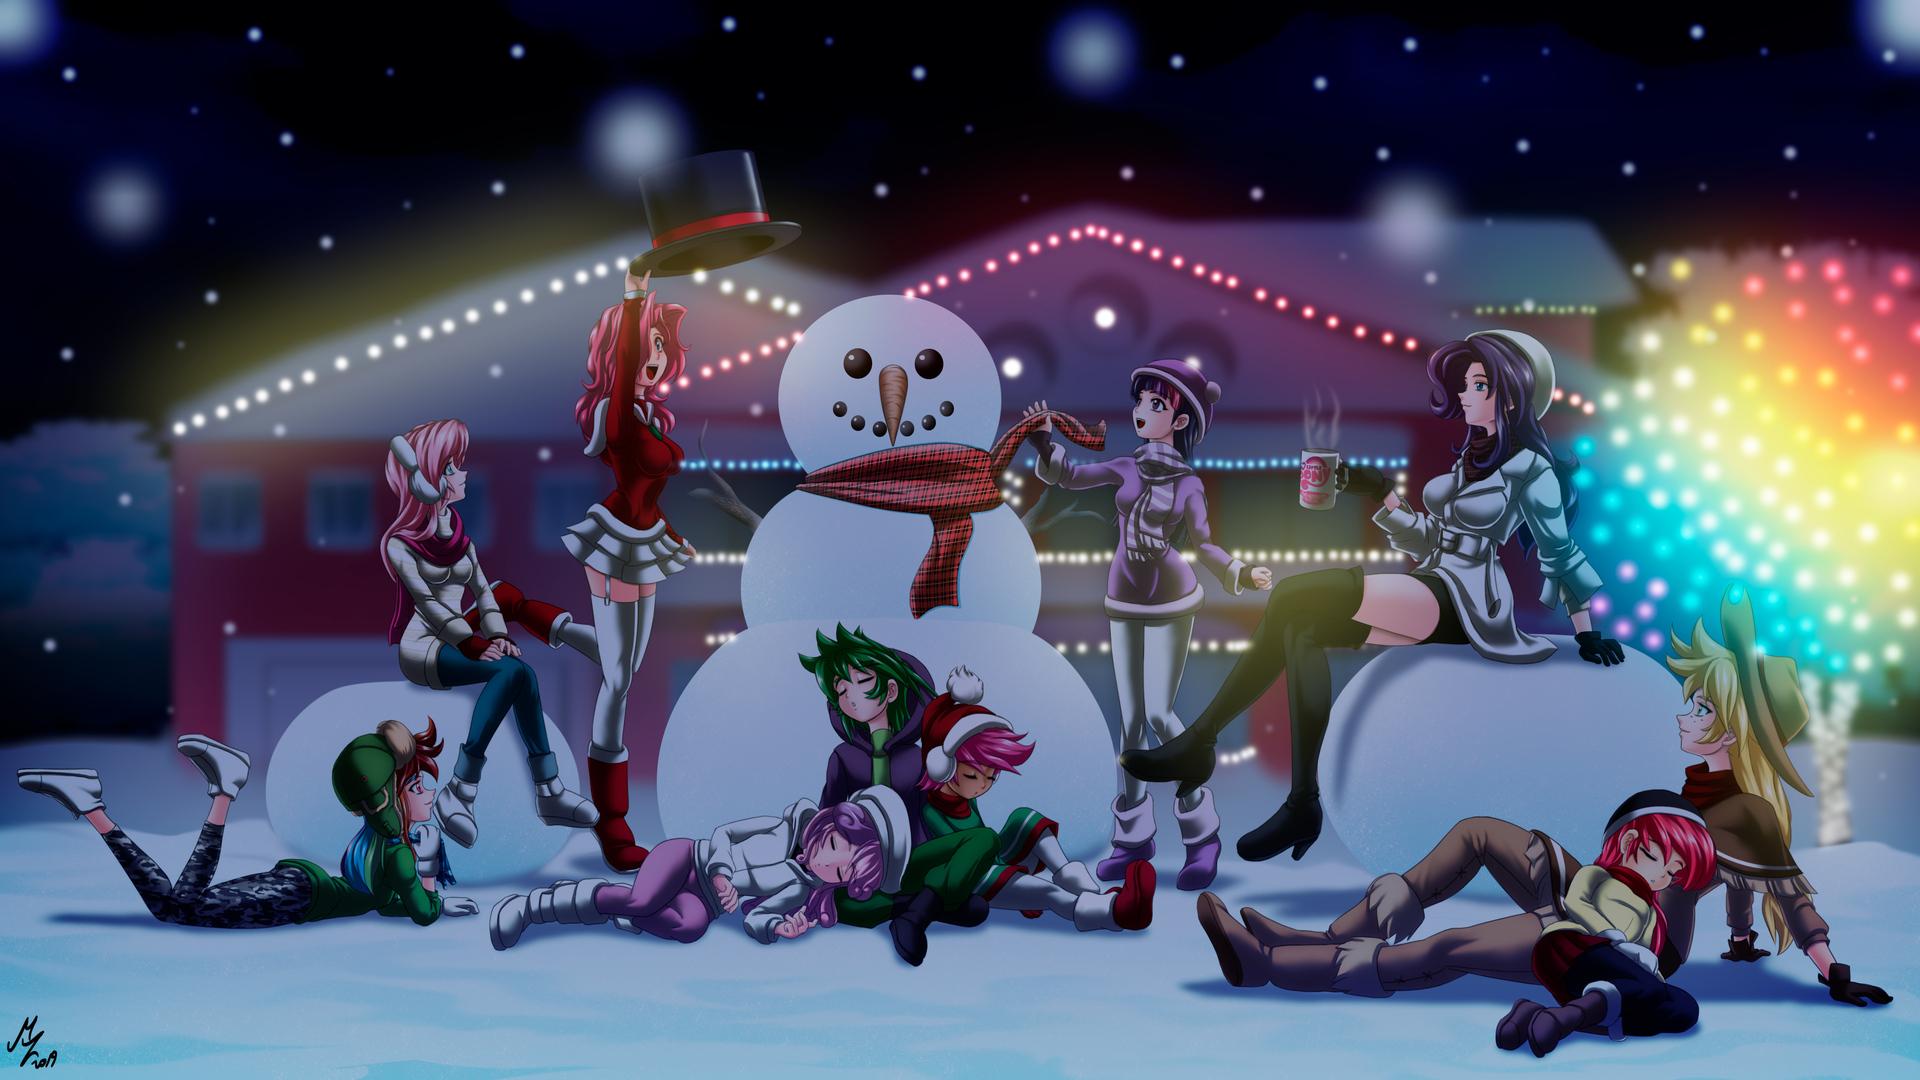 1920x1080 Anime Girls Celebrating Christmas 4k Laptop Full ...